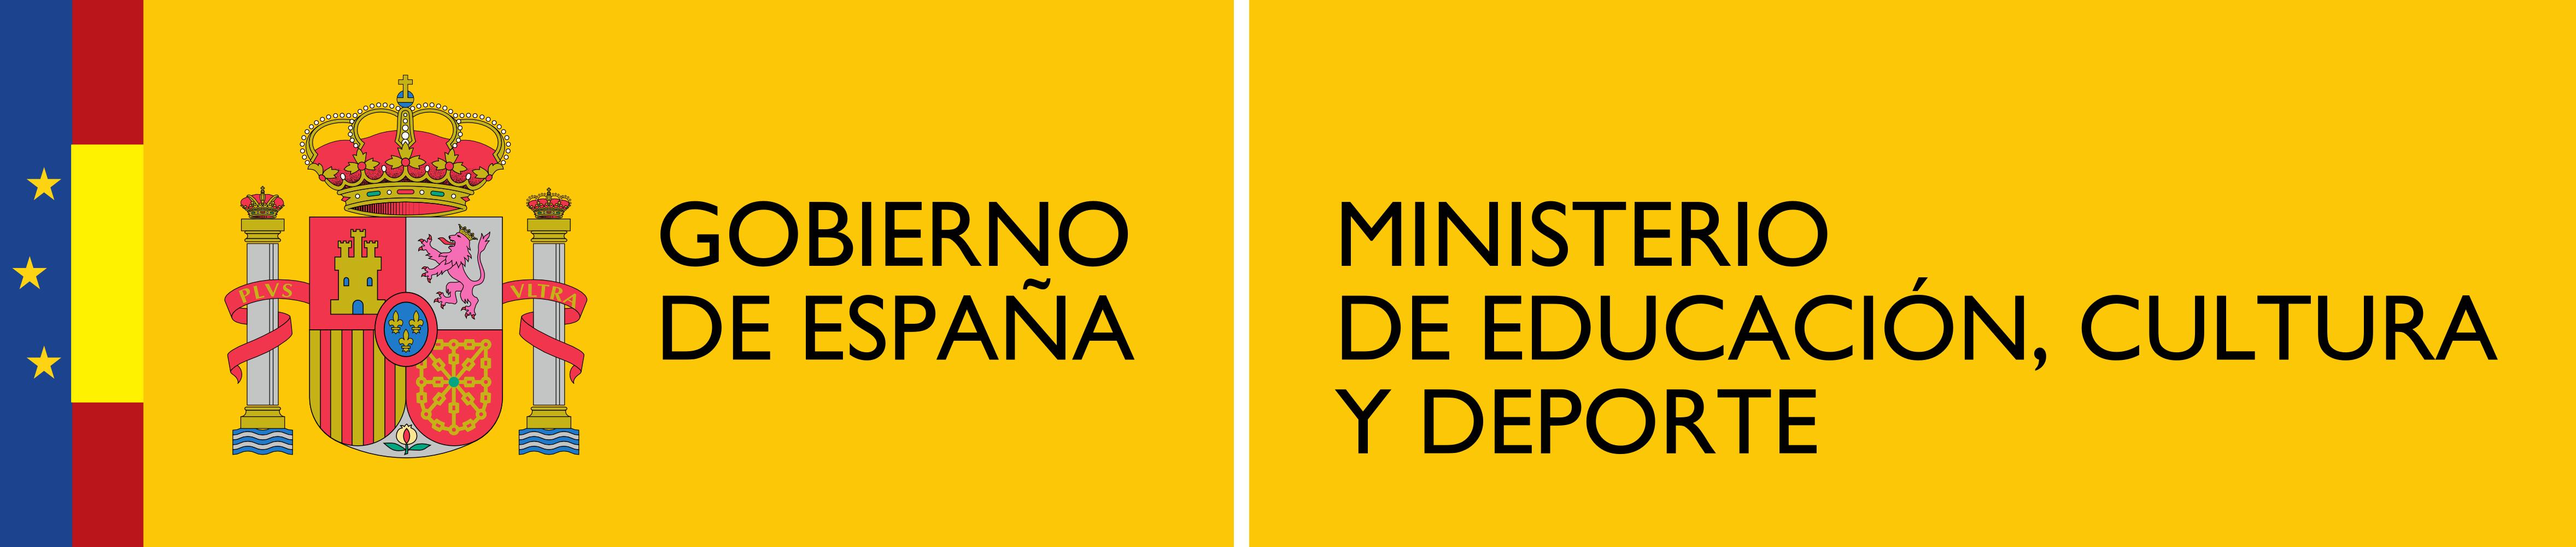 Becas de necesidades educativas especiales, Becas del ministerio de educación